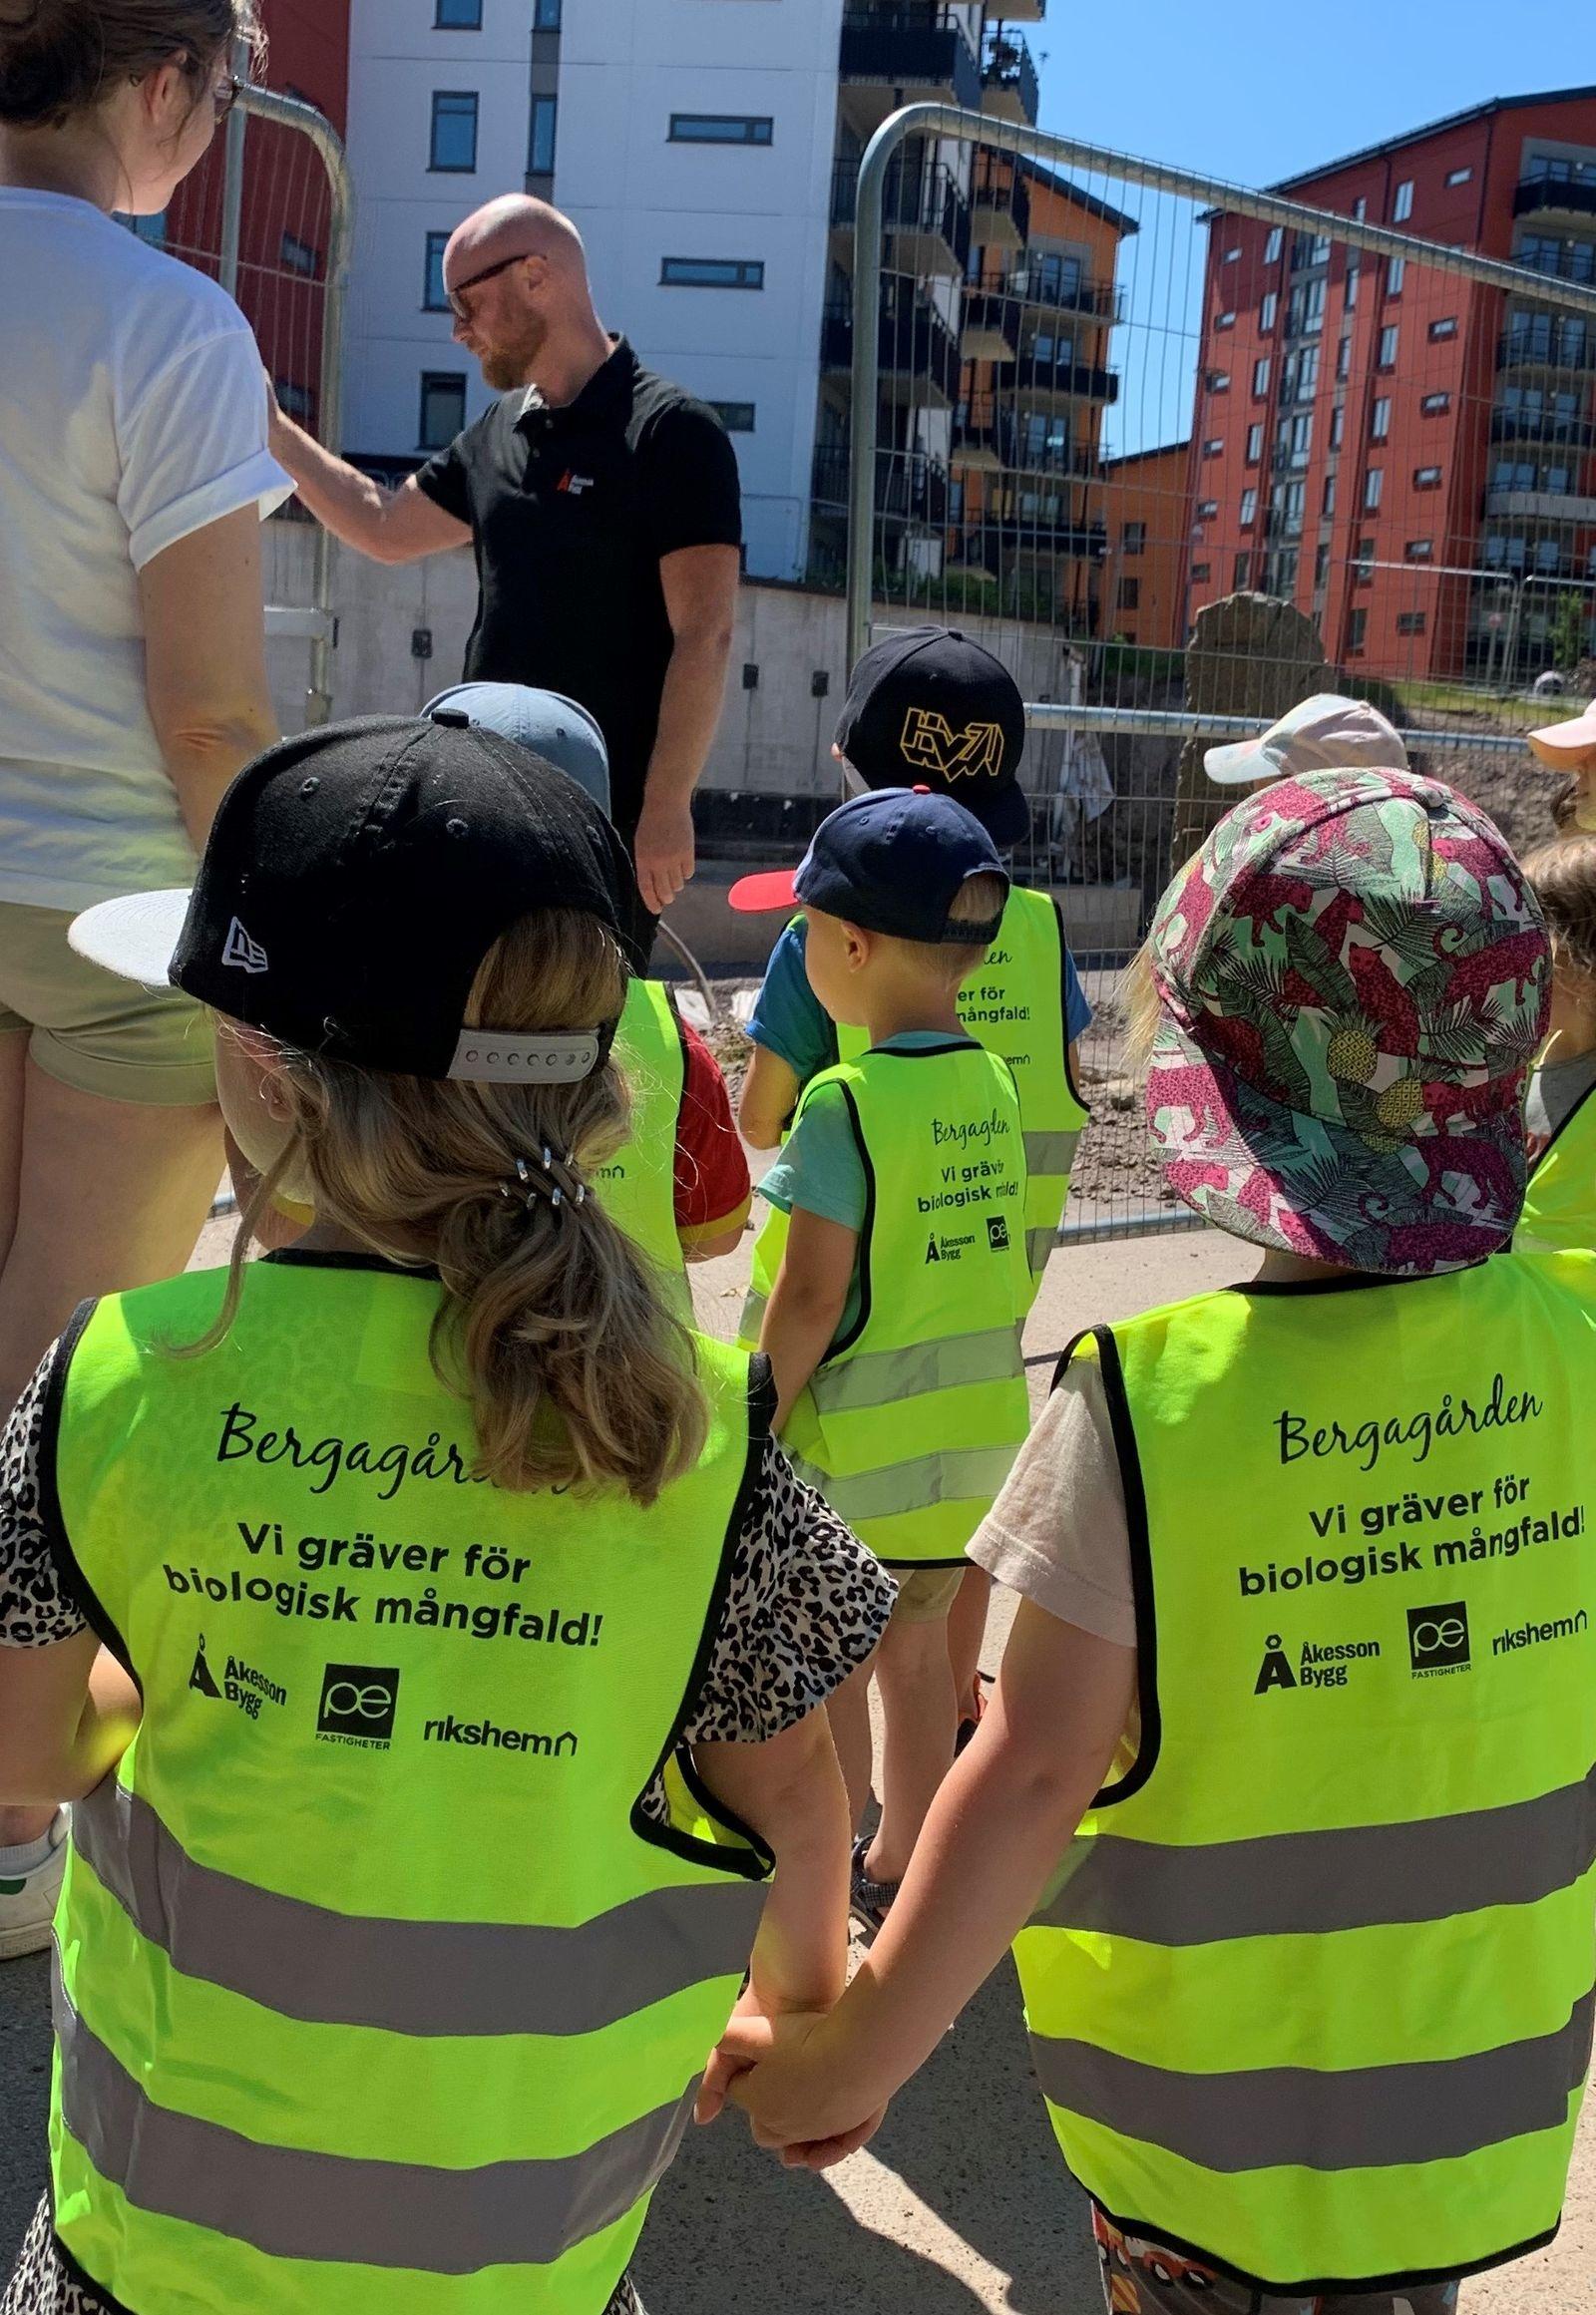 Mattias Qvarnstrand, Åkessons Bygg, hälsar barnen välkomna till Bergagården och berättar att man måste vara mycket noga med säkerheten på en byggarbetsplats.